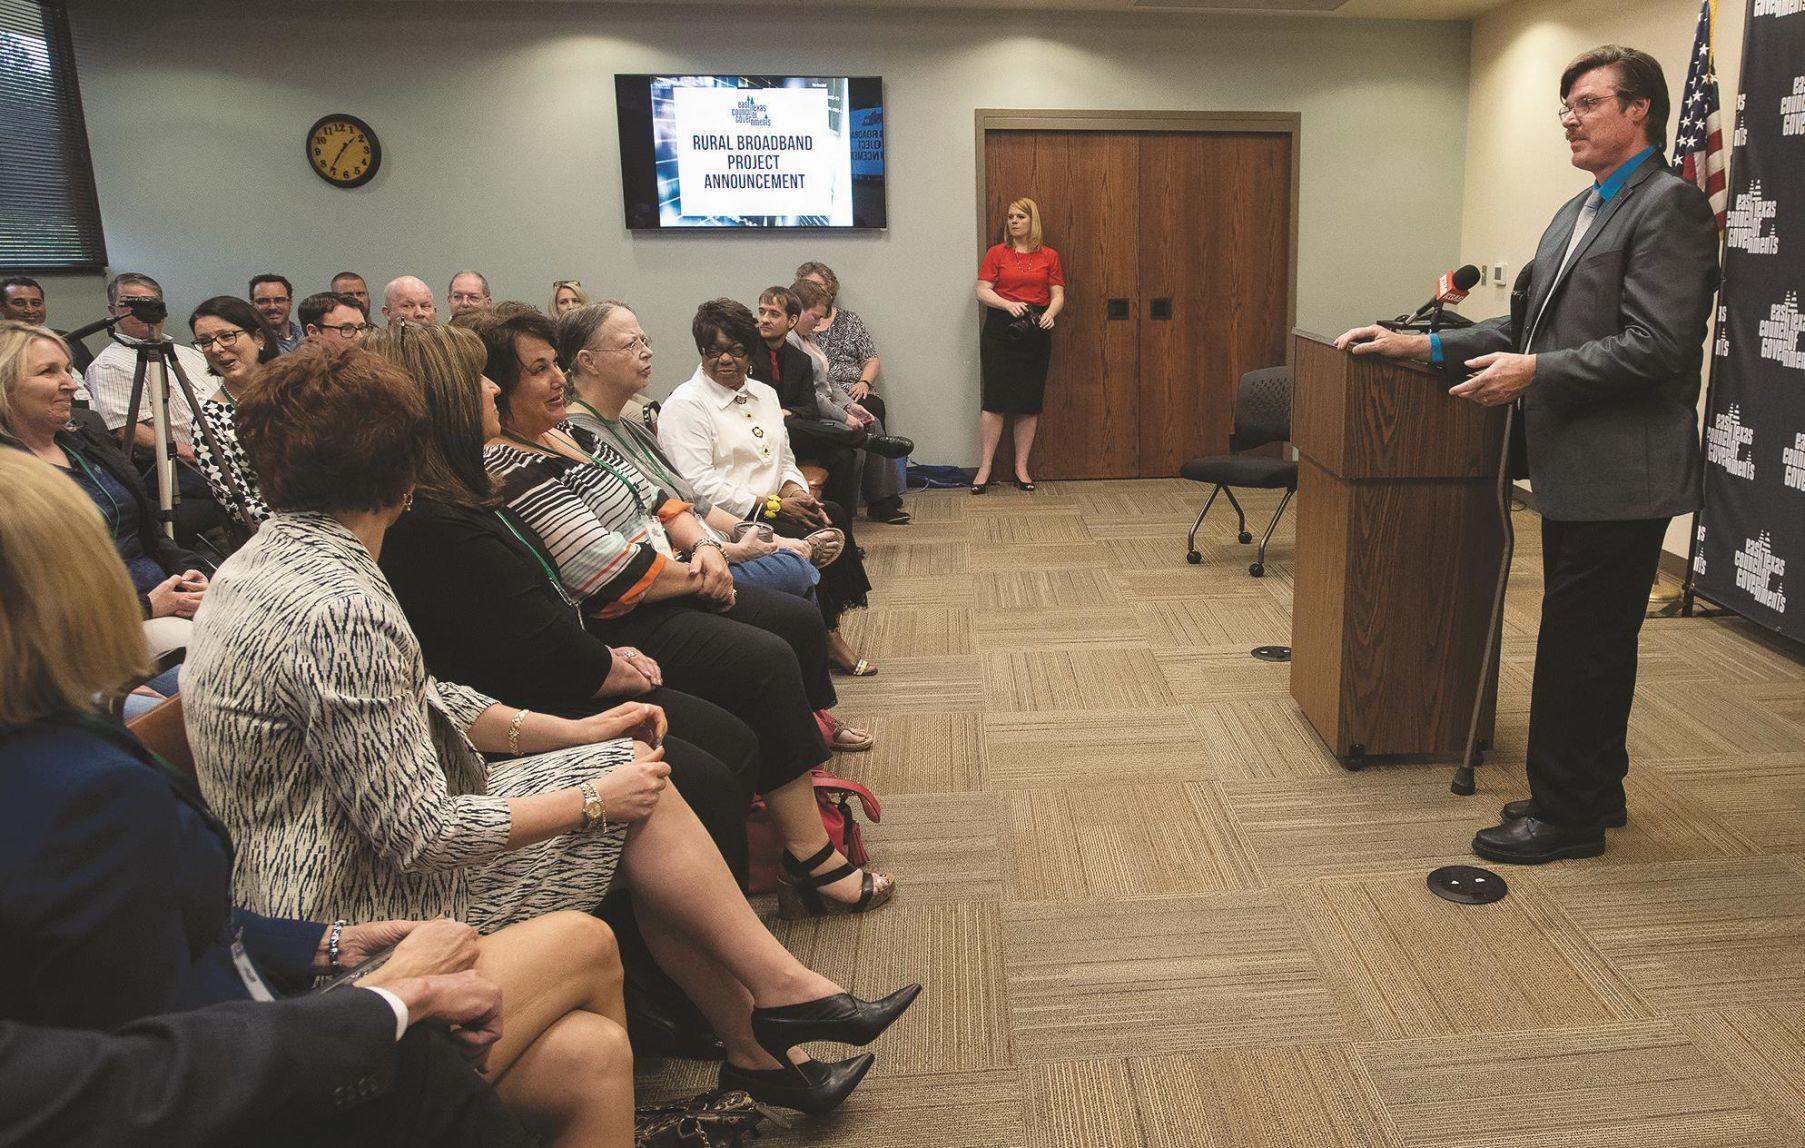 Grant for rural broadband in East Texas took years of effort